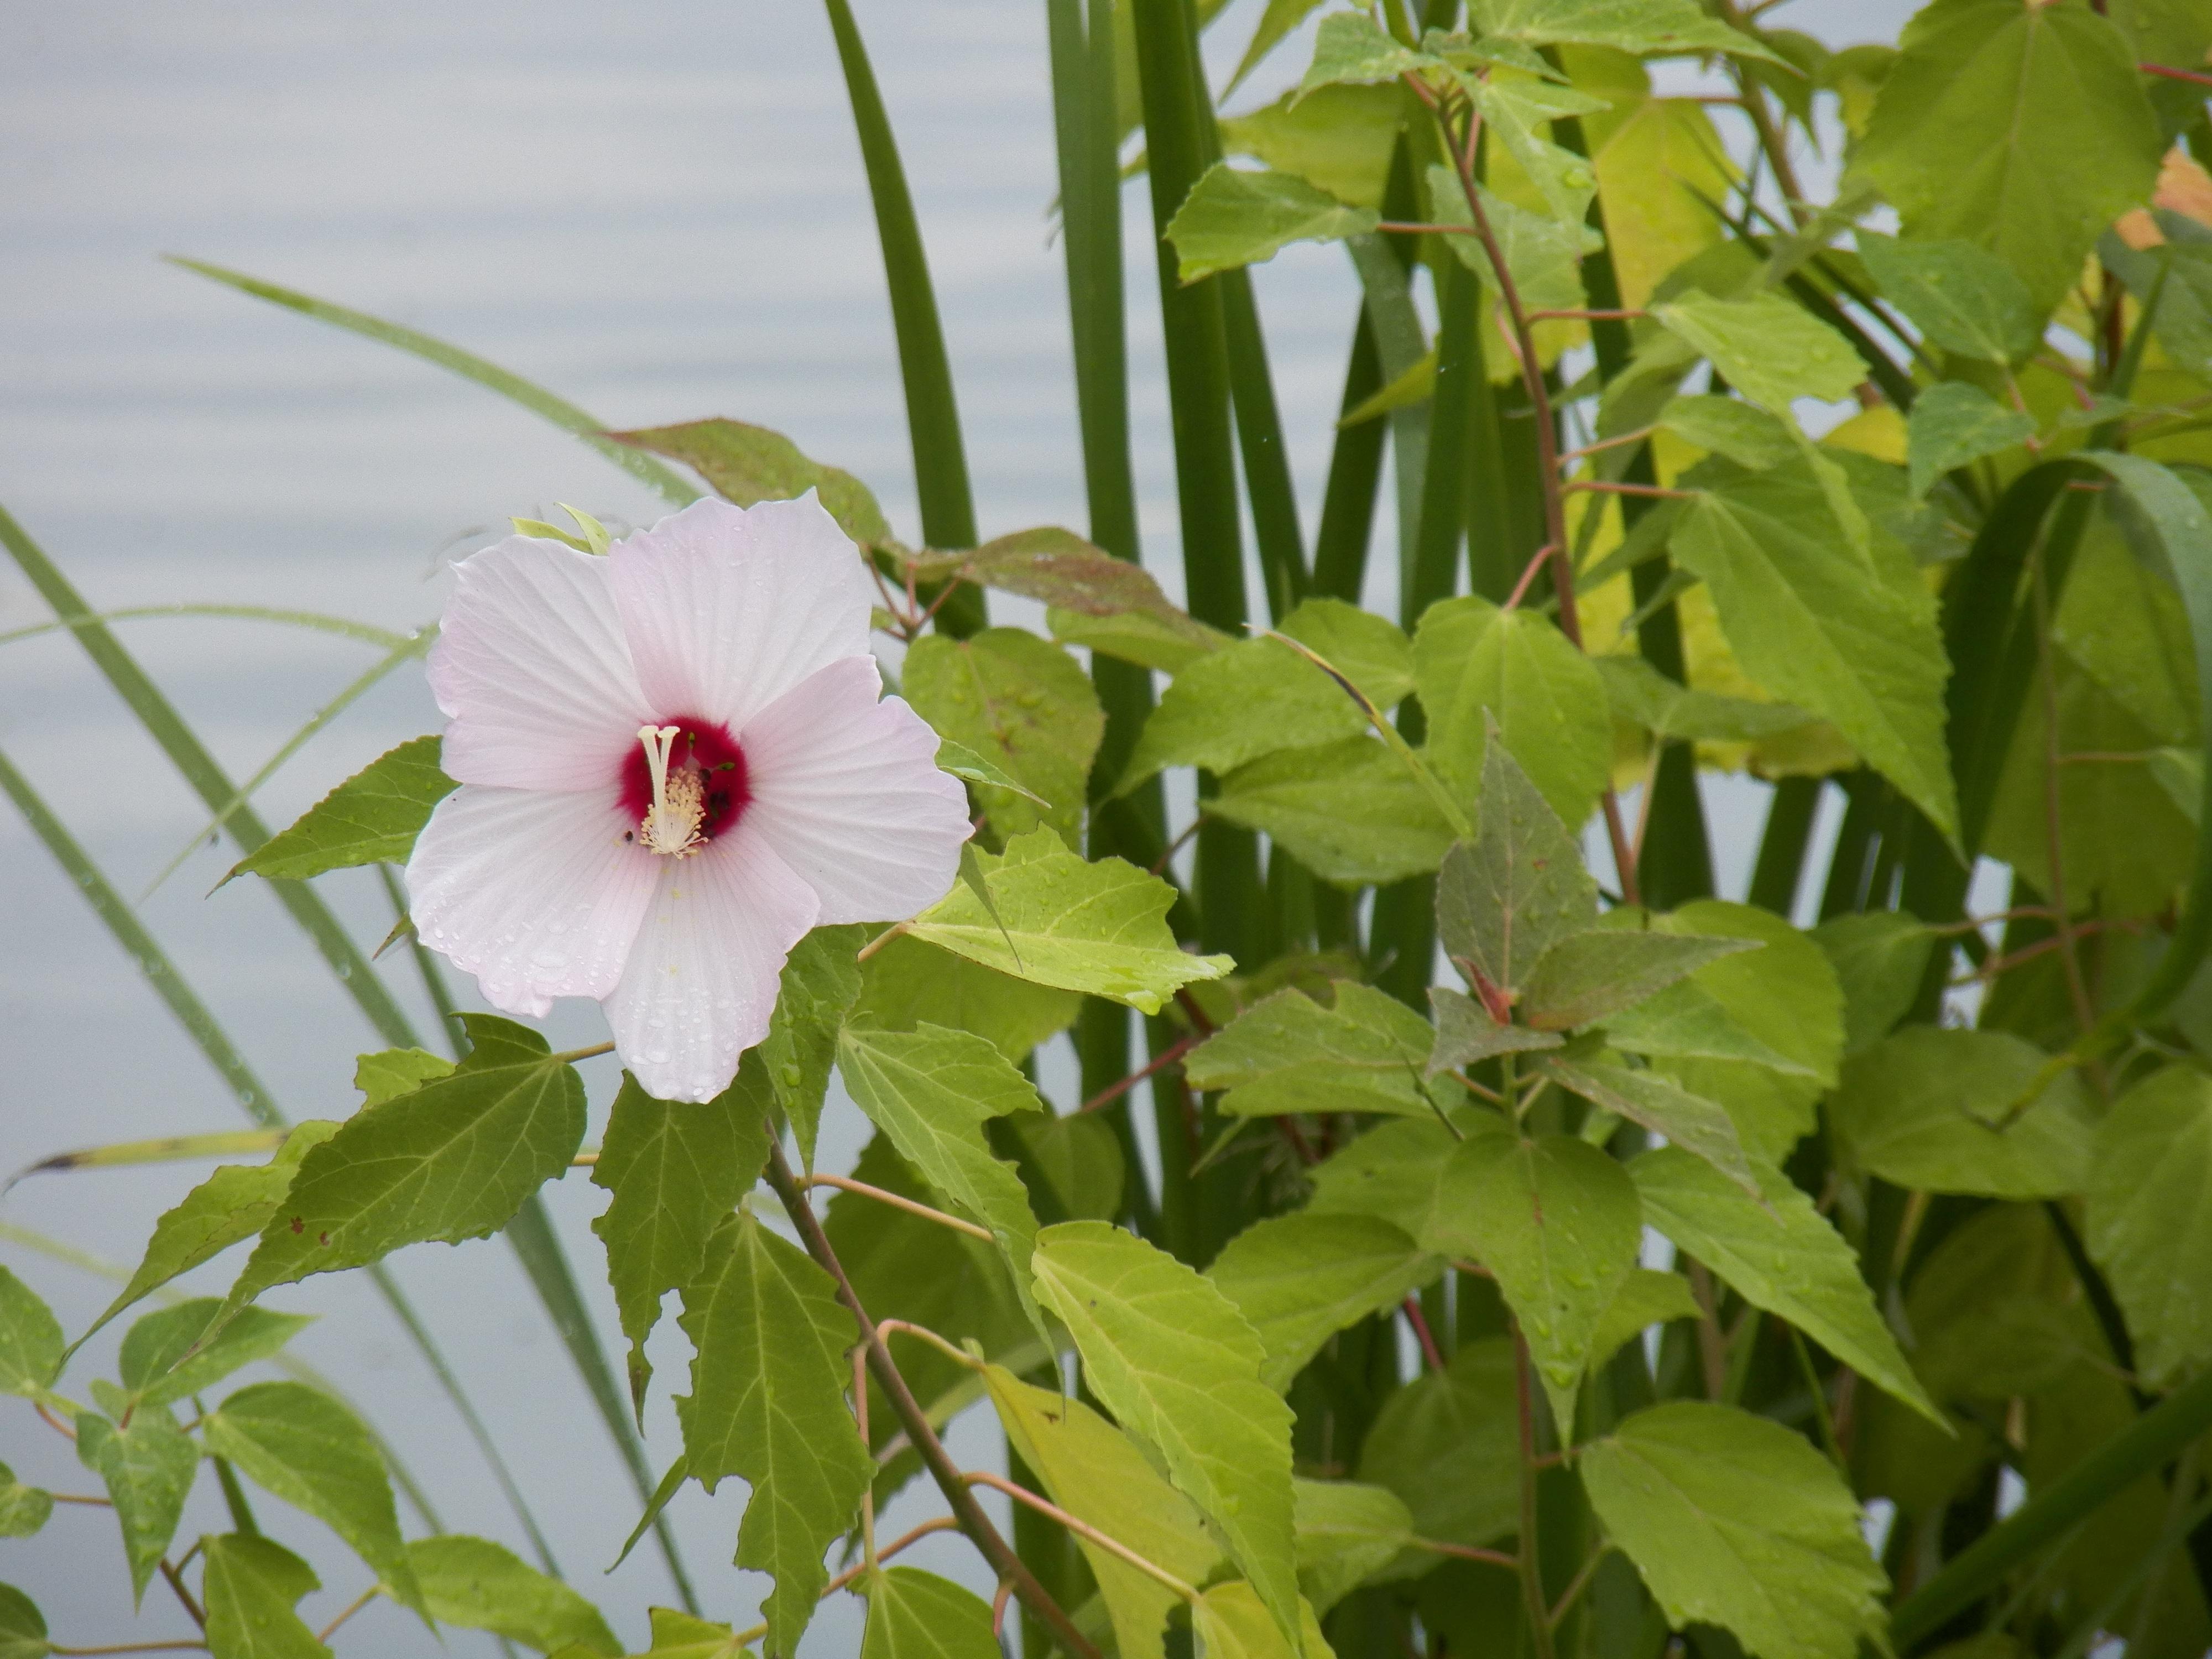 Images Gratuites Eau La Nature De Plein Air Fleur Lac Ete